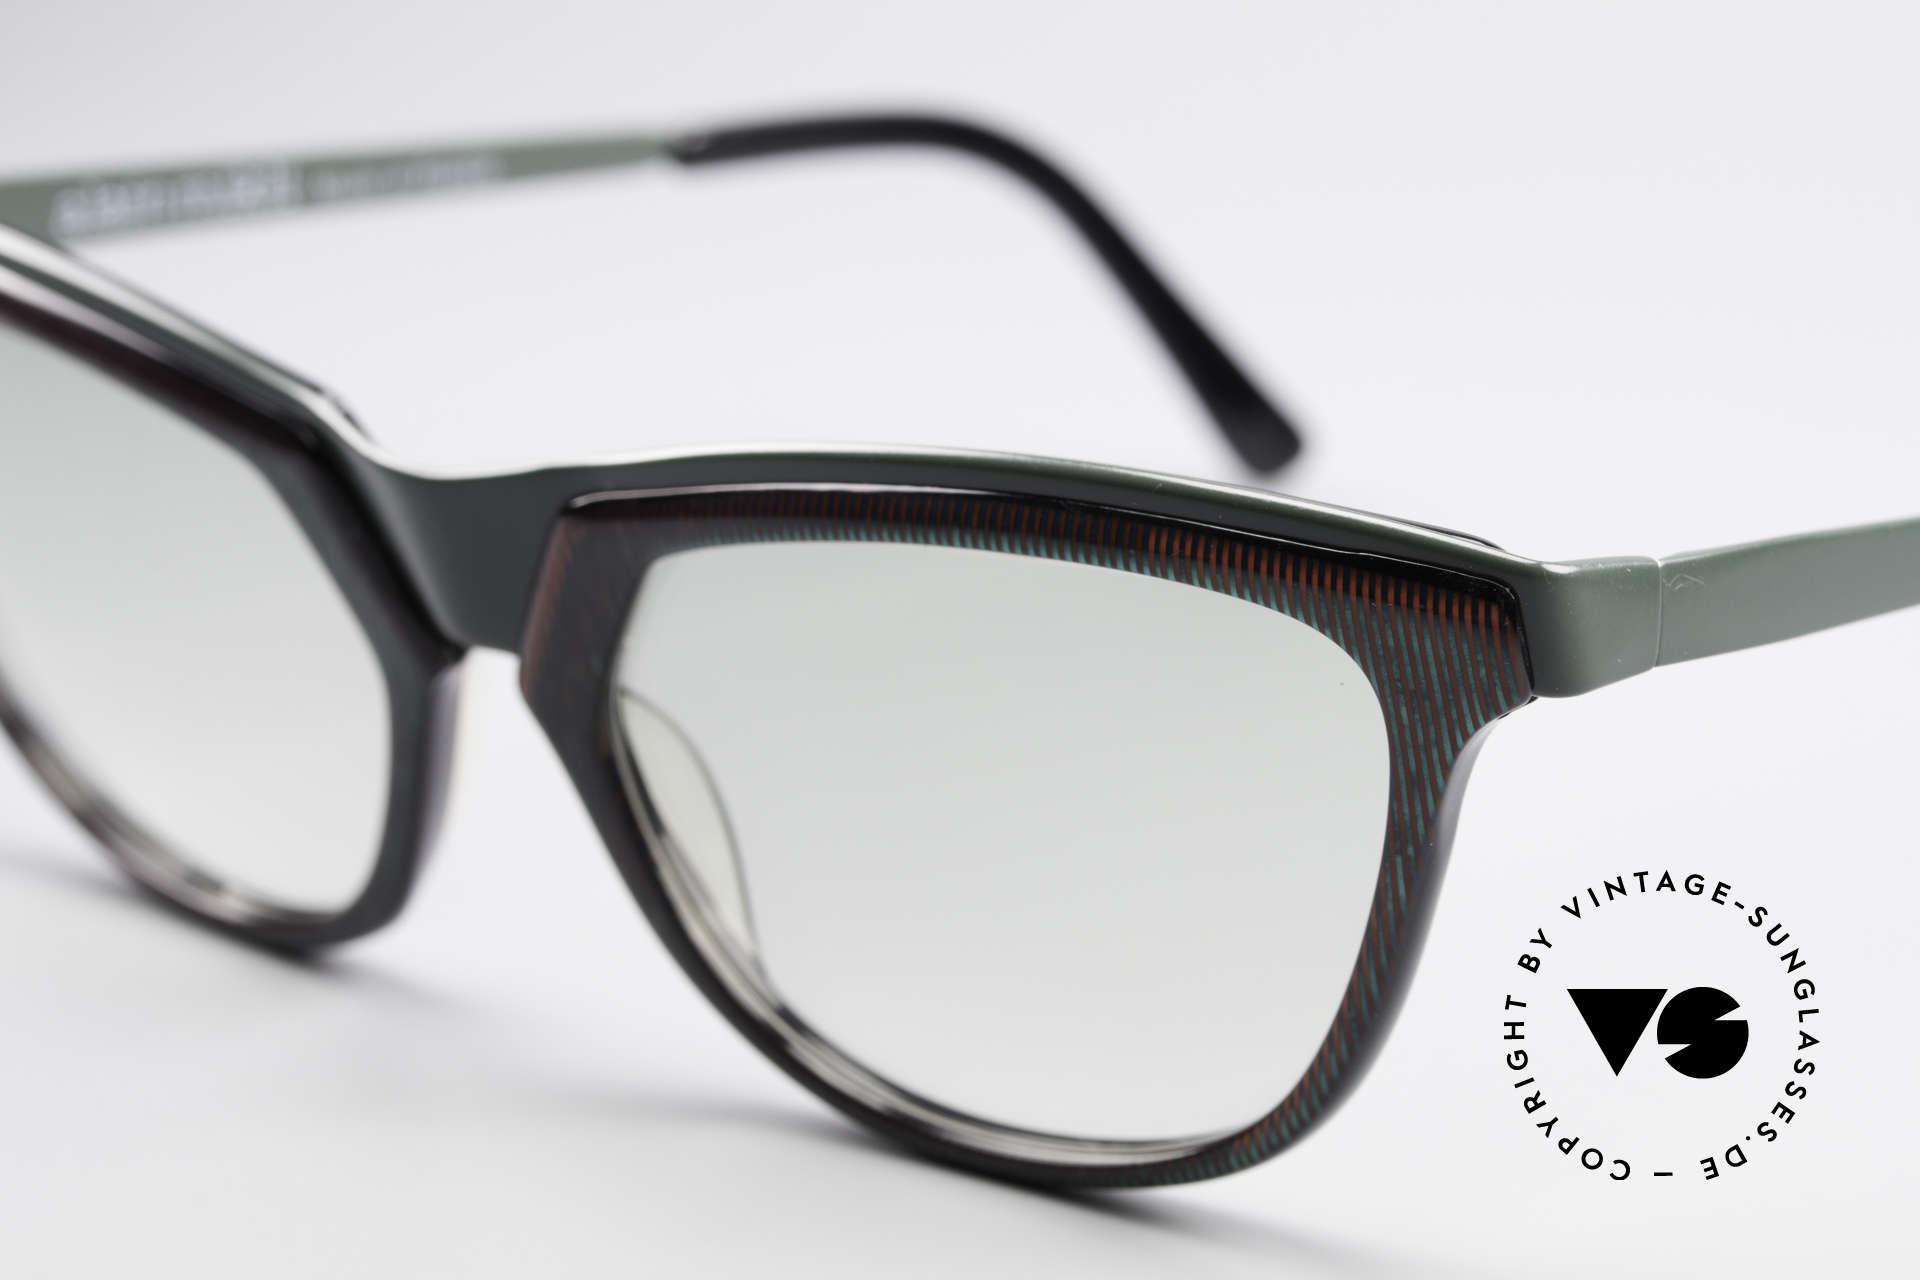 Alain Mikli 624 / 836 Hologramm Effekt Brille, Farbe variiert zw. rot & grün je nach Lichteinfall, Passend für Damen